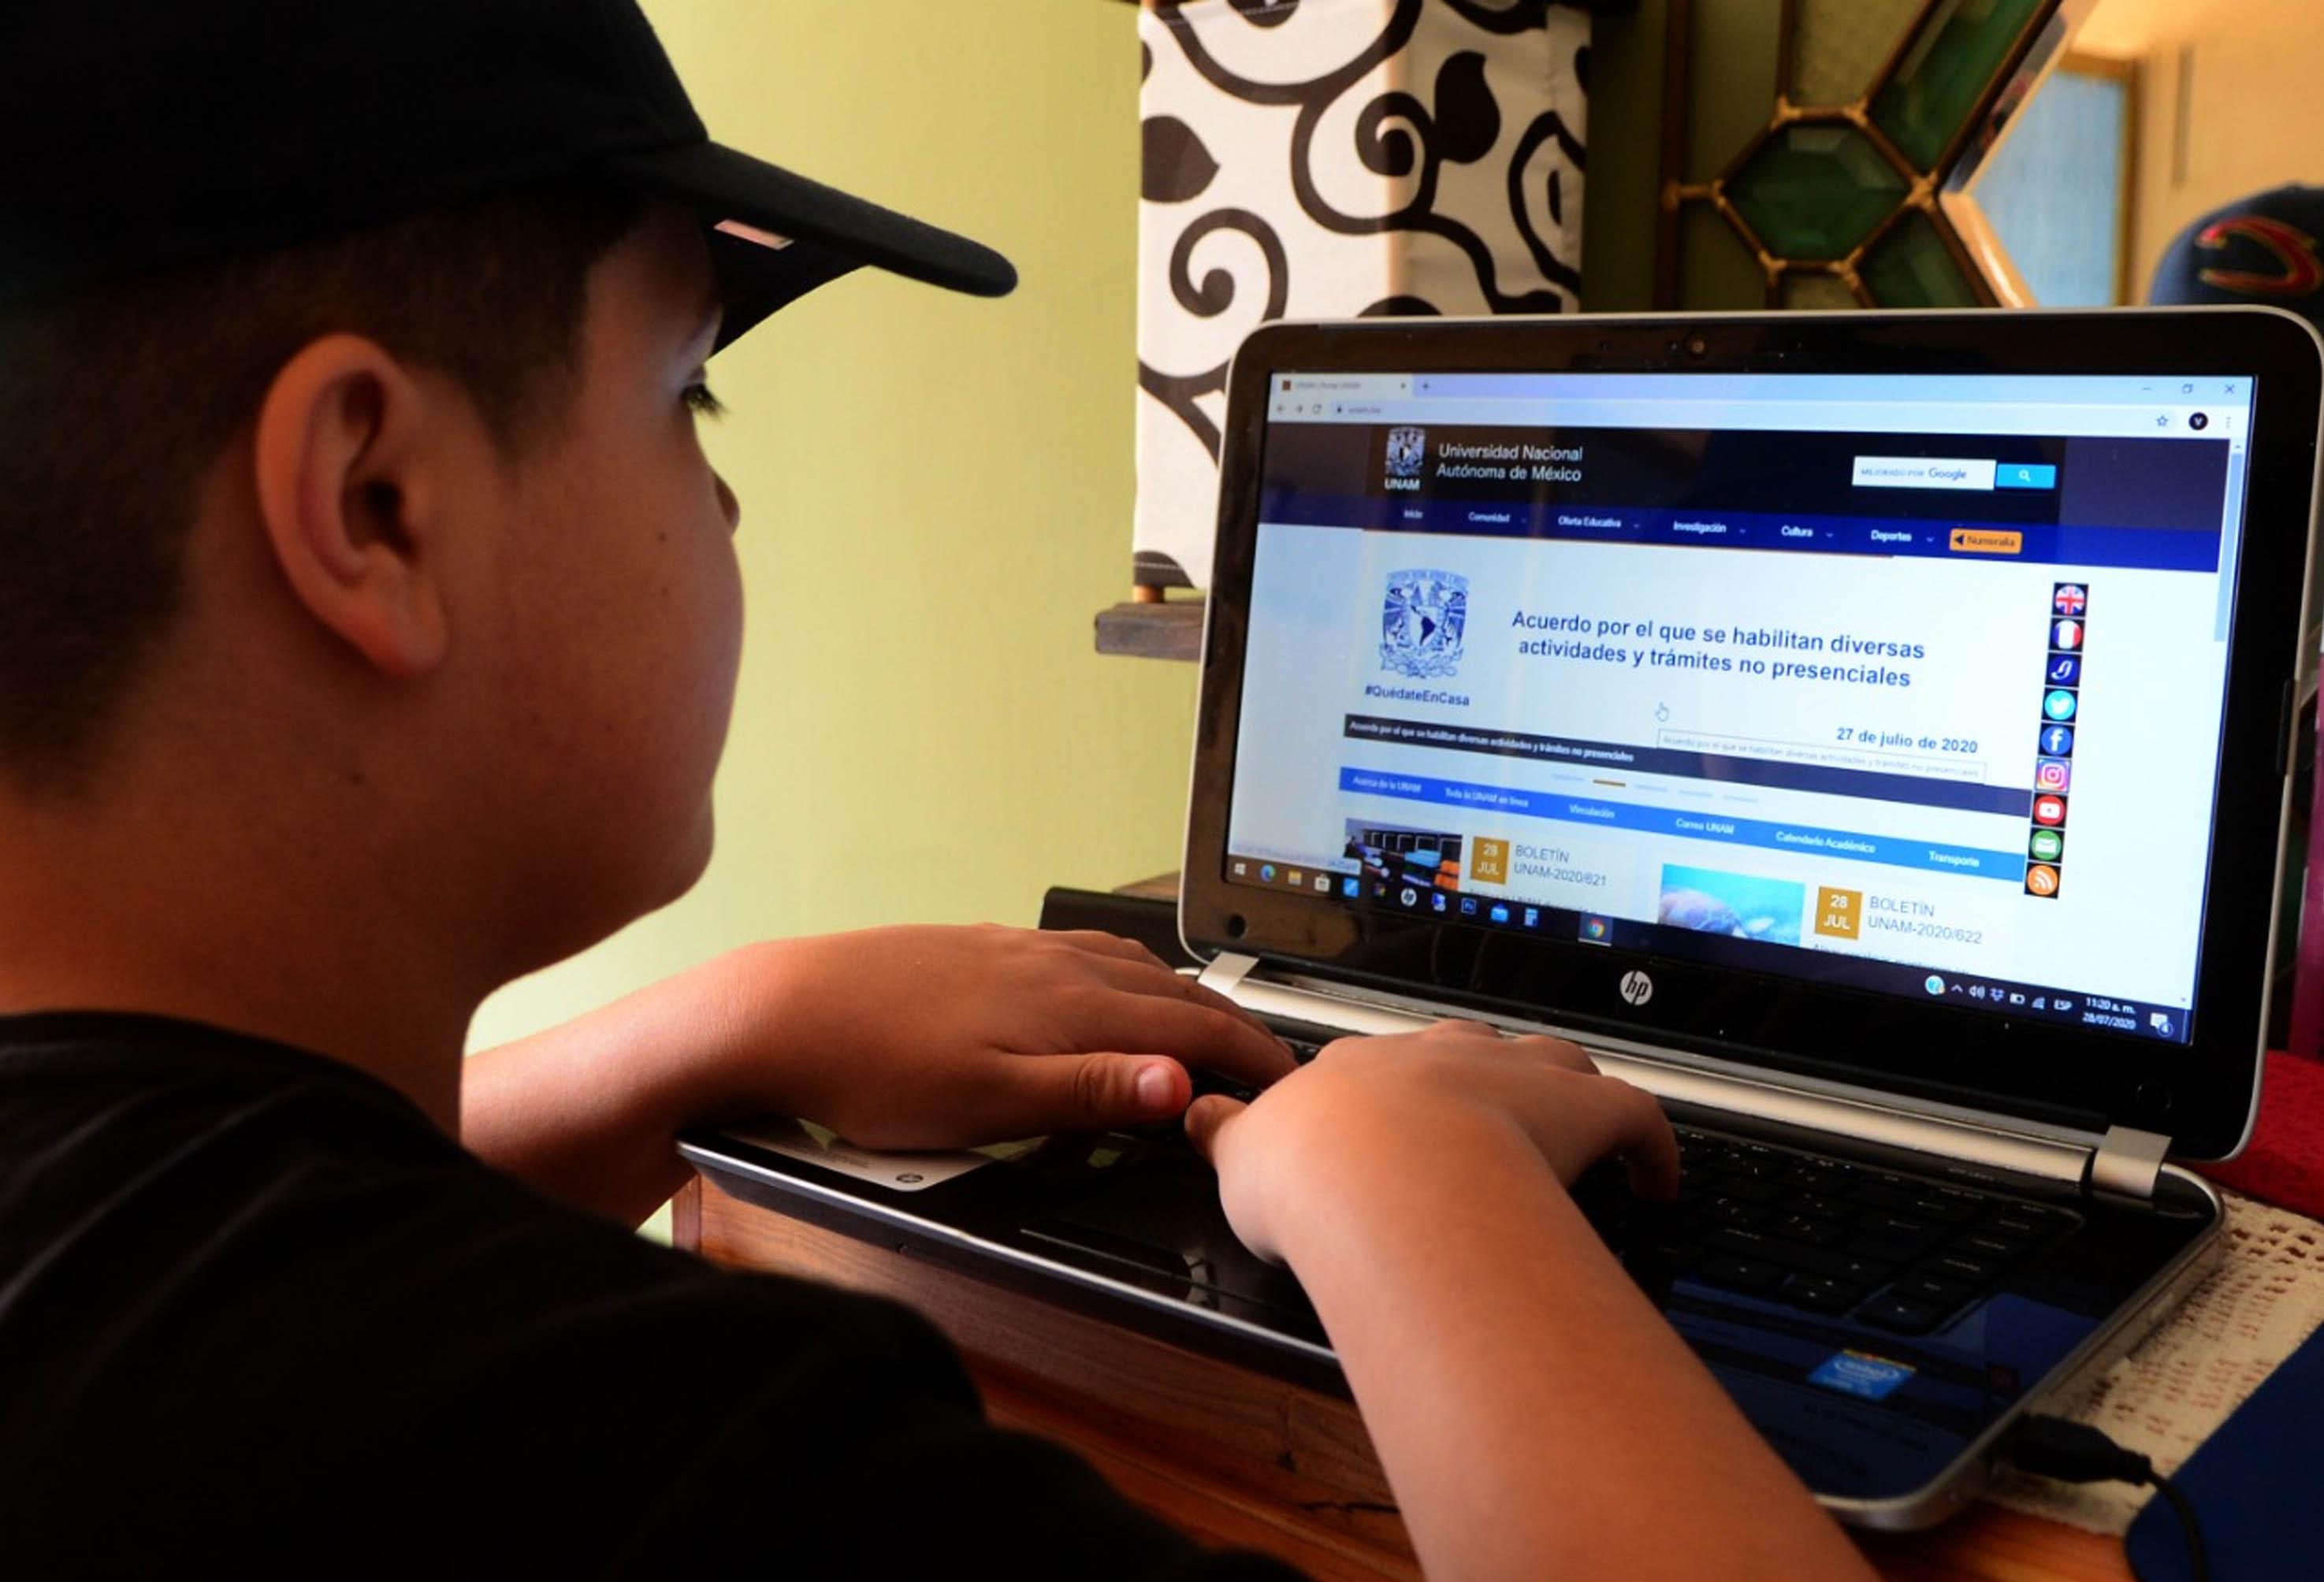 Educación en línea, igual de eficiente como la presencial